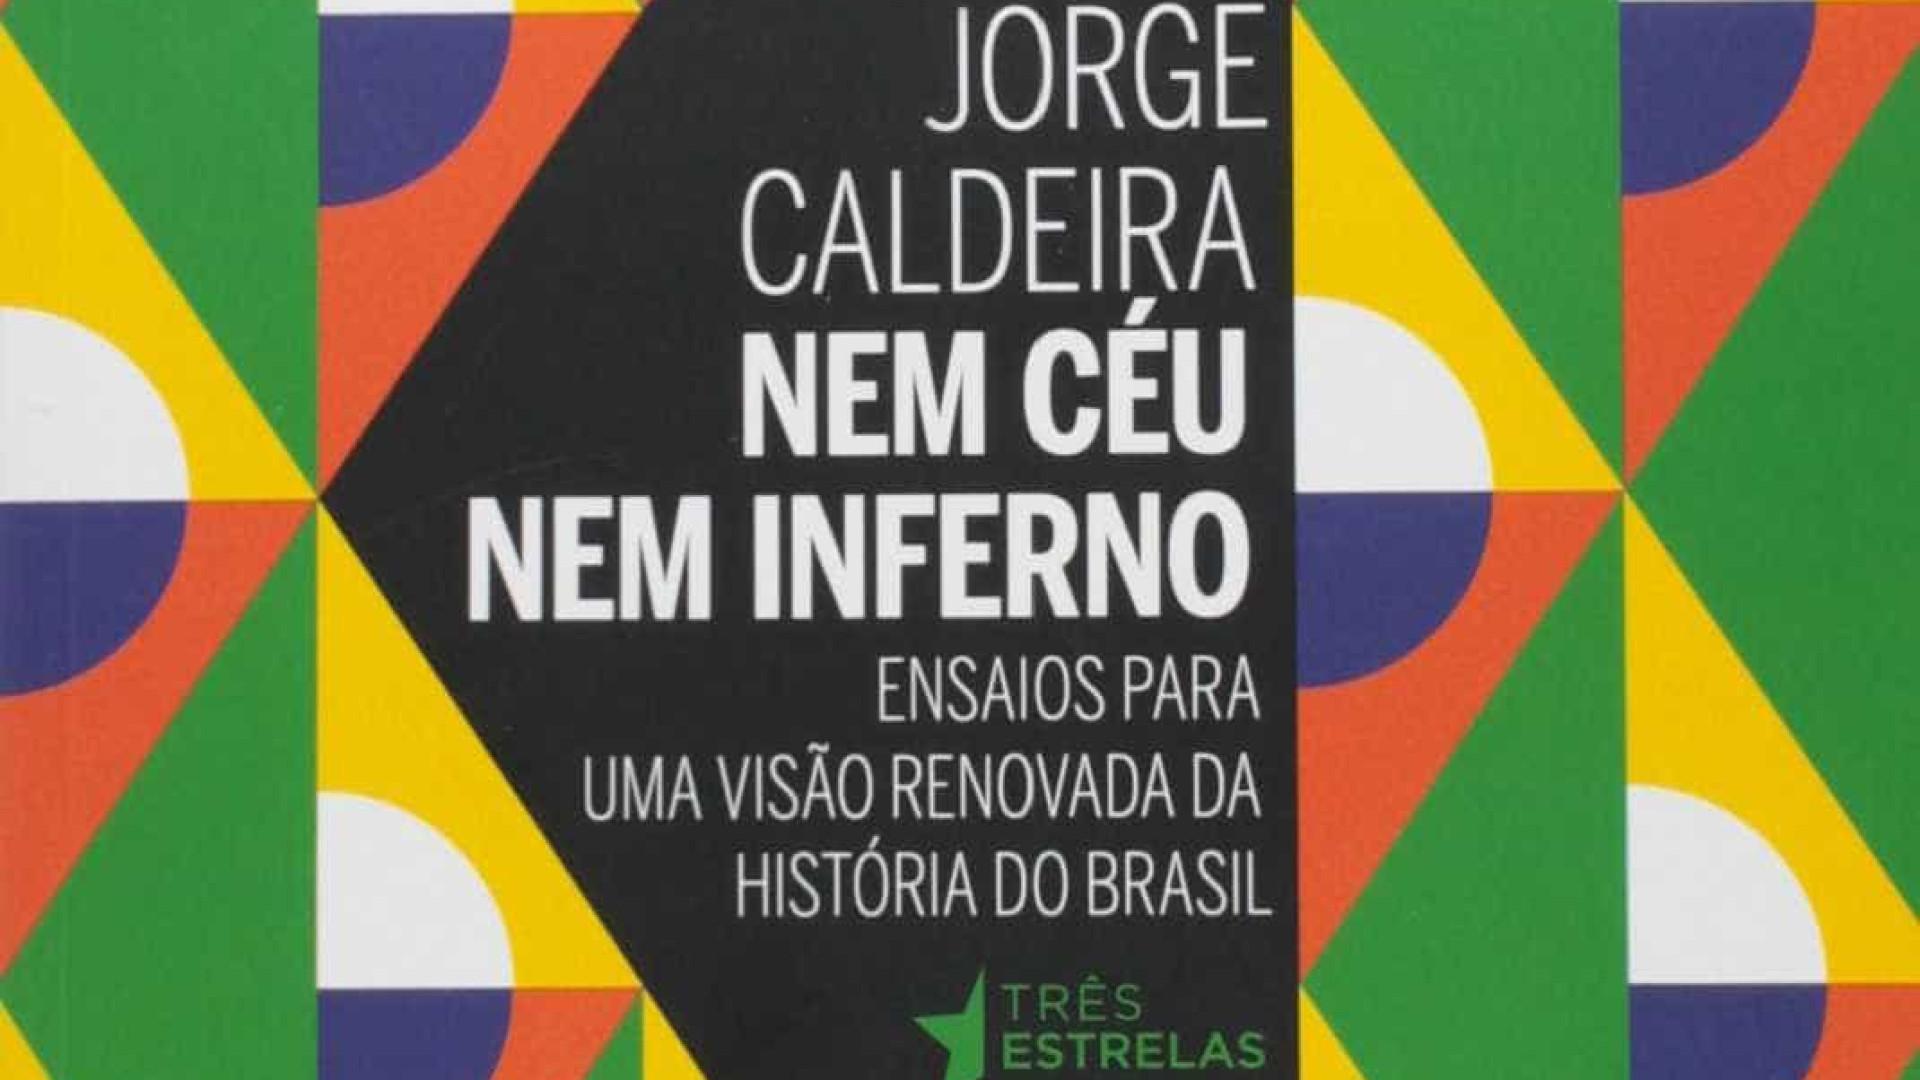 História do Brasil como conhecemos é fantasia, diz cientista político